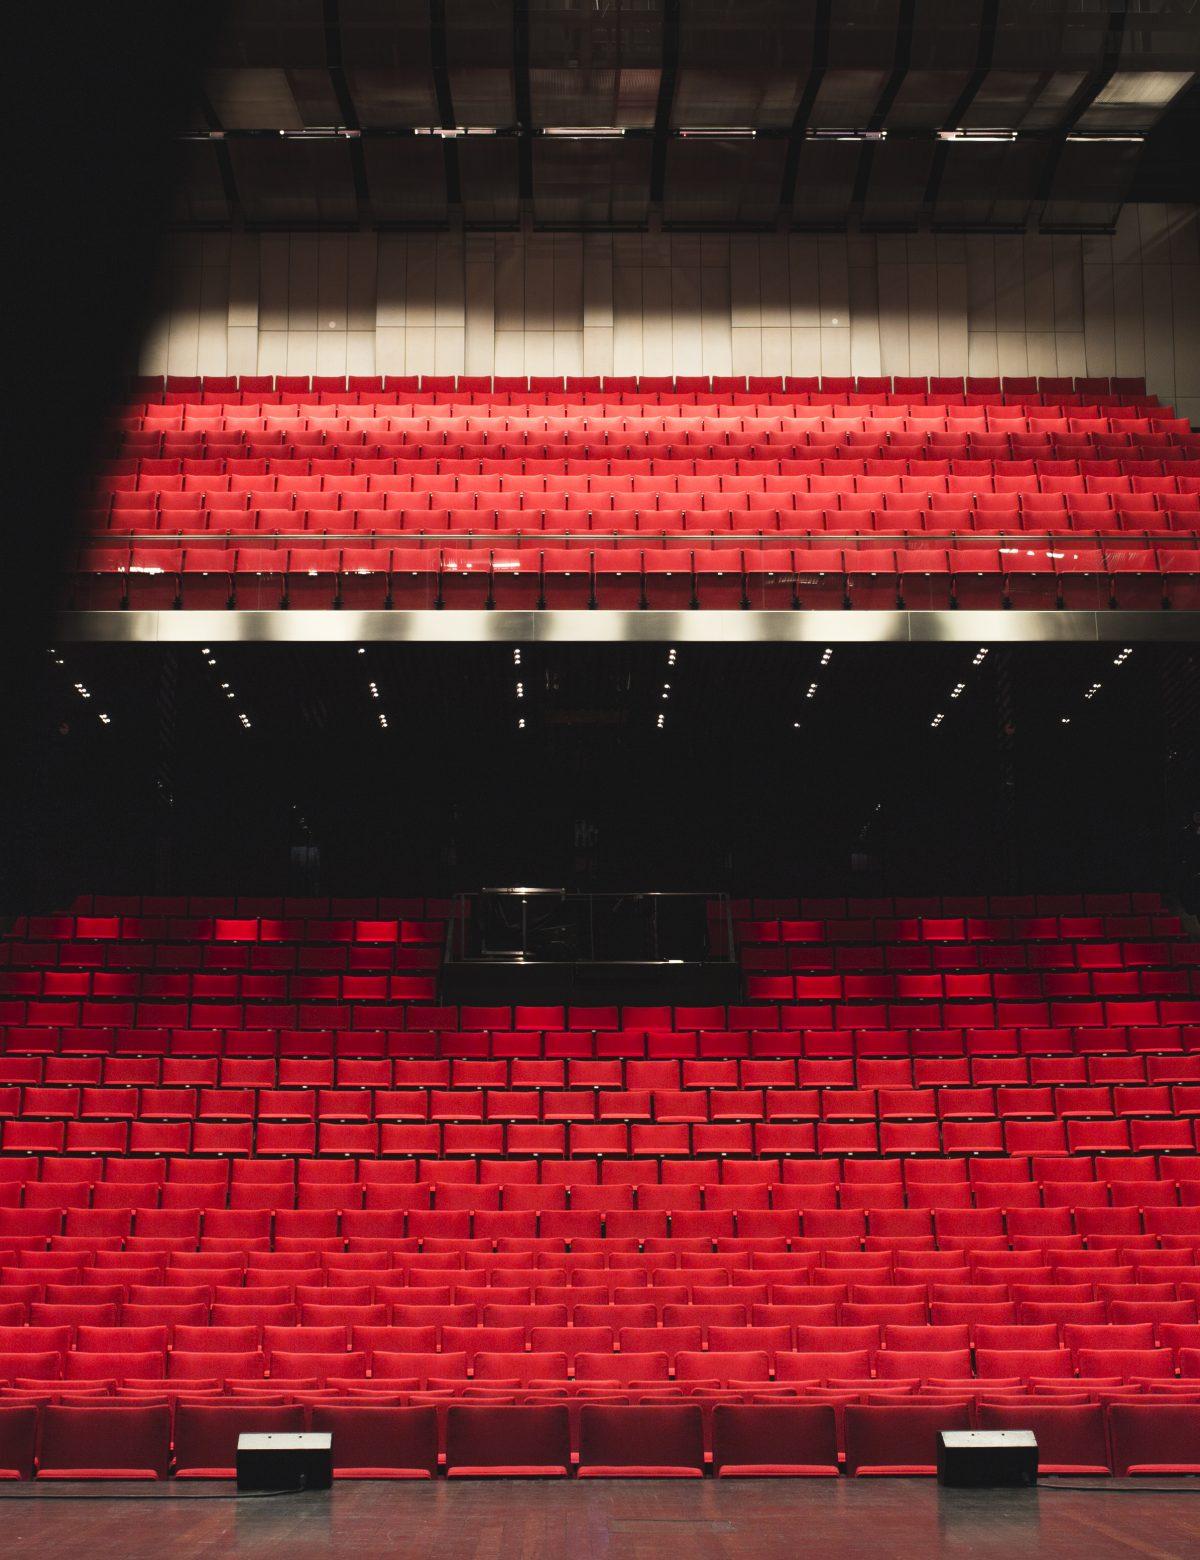 Stora salen är den största hörsalen på Uppsala Konsert & Kongress, med plats för omkring 1100 gäster.